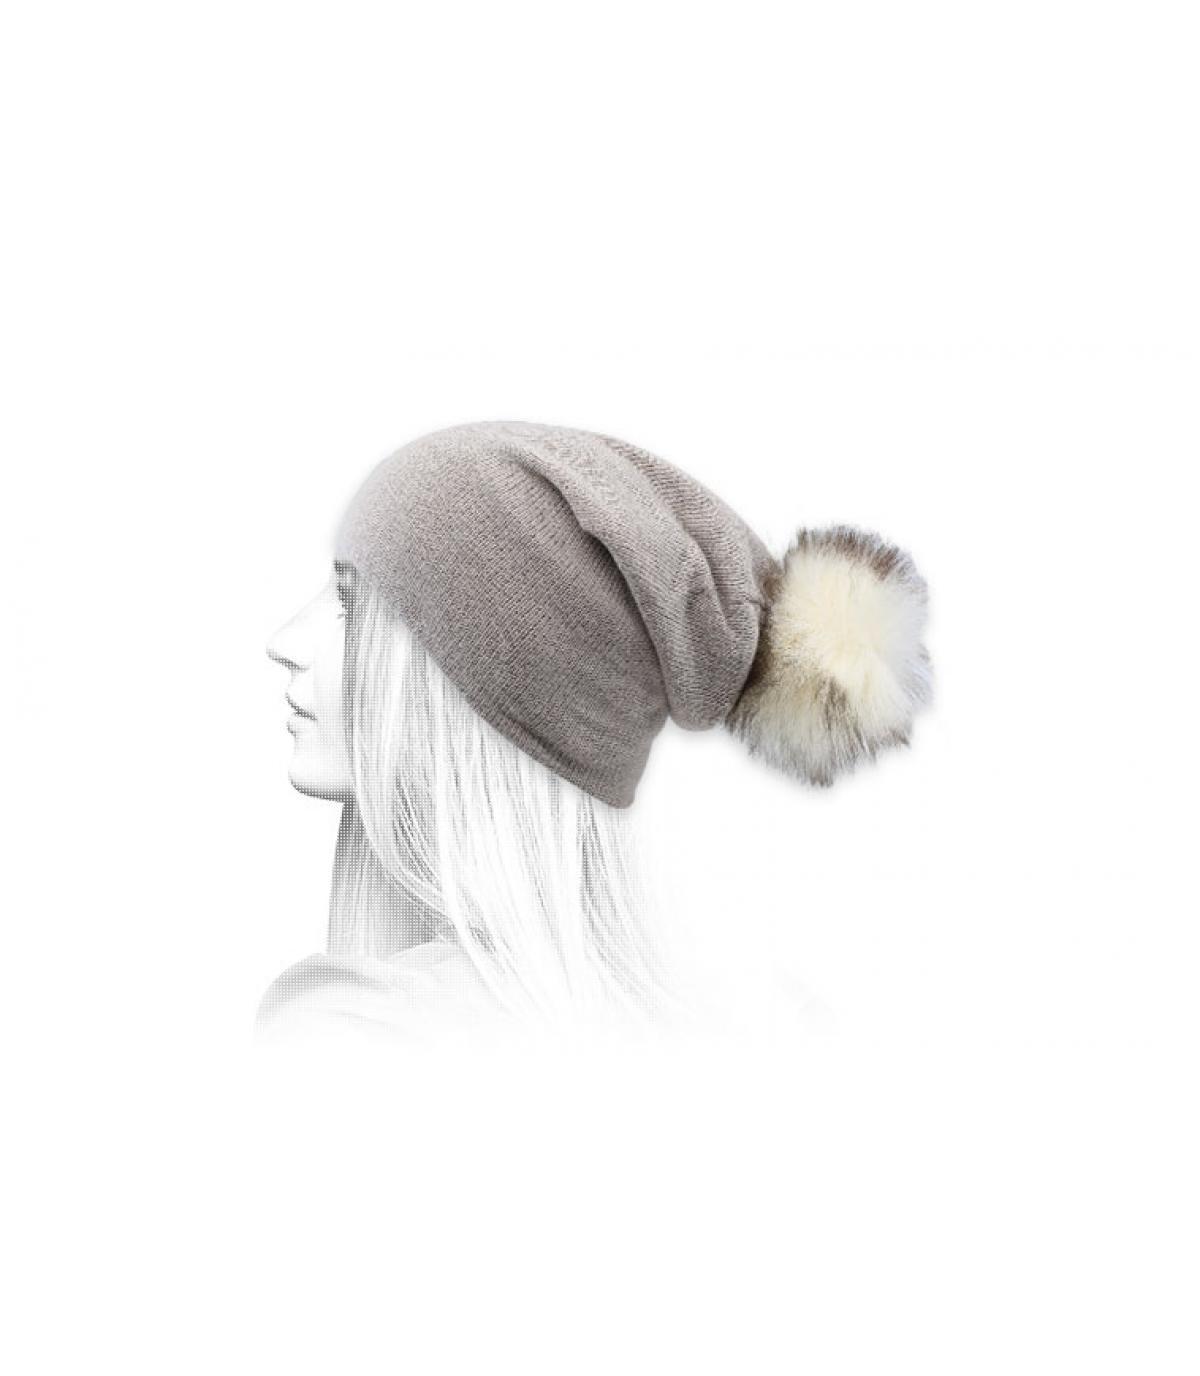 berretto con pompon in pelliccia beige